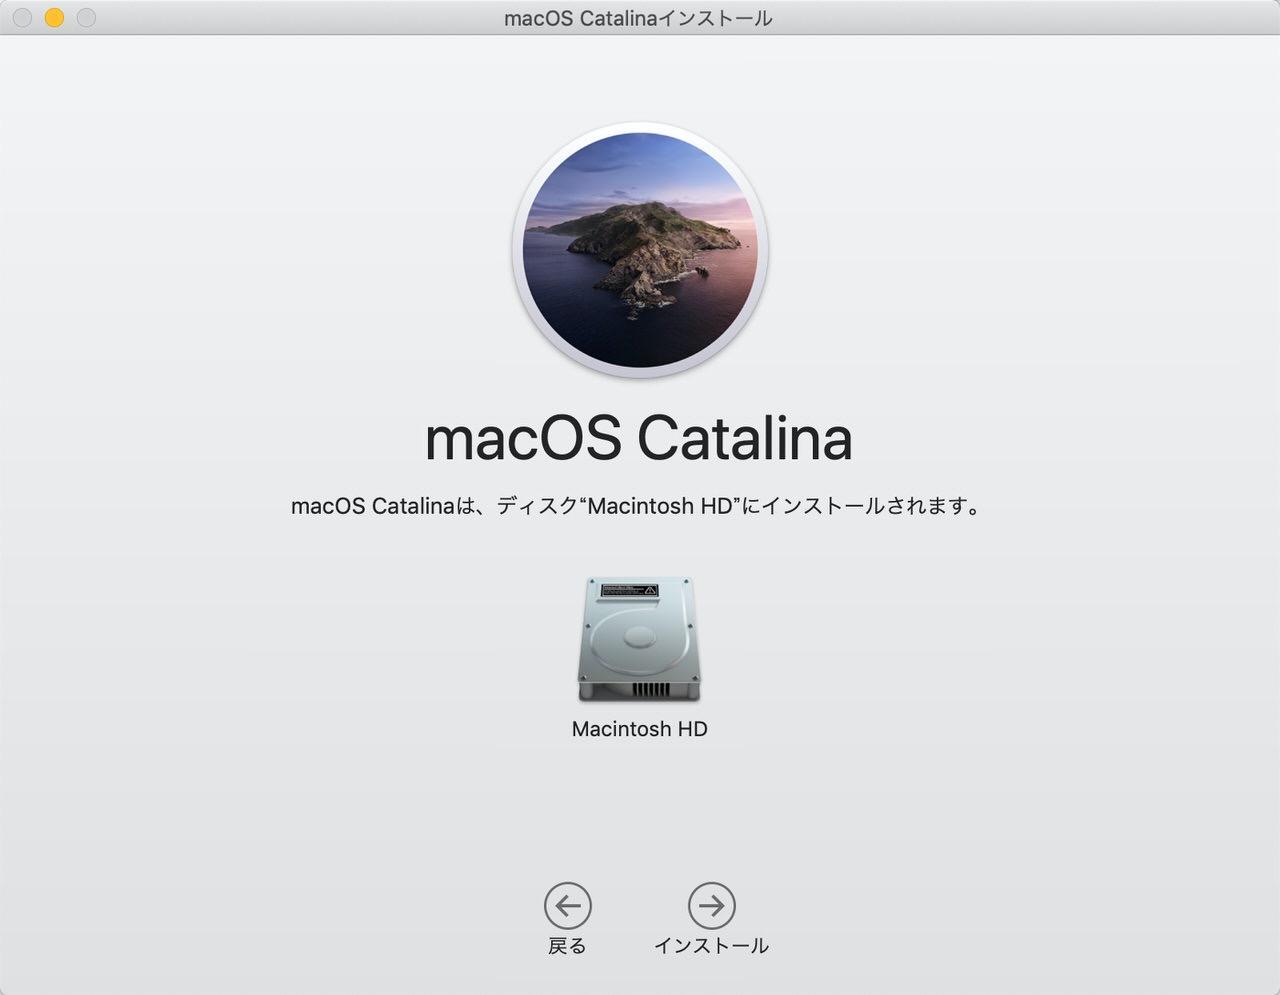 iPadを2台目のディスプレイとして使えるSidecar機能などを搭載した「macOS Catalina」リリース(追記あり)